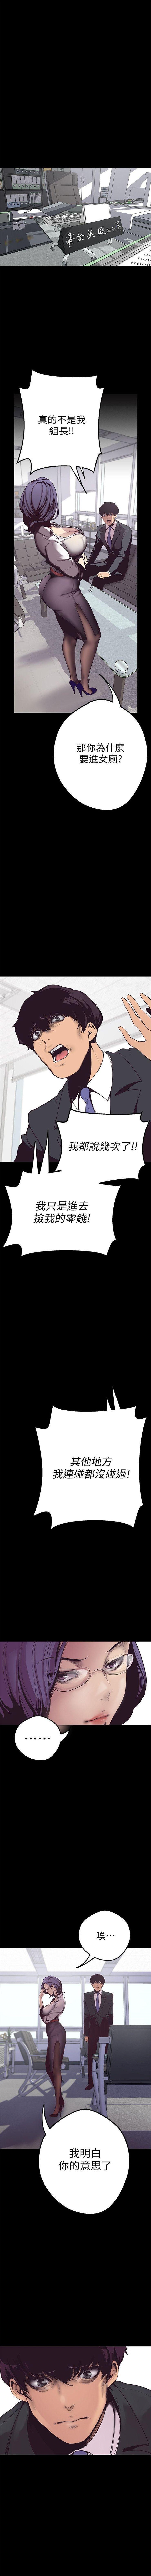 (週1)美麗新世界 1-76 中文翻譯 (更新中) 11